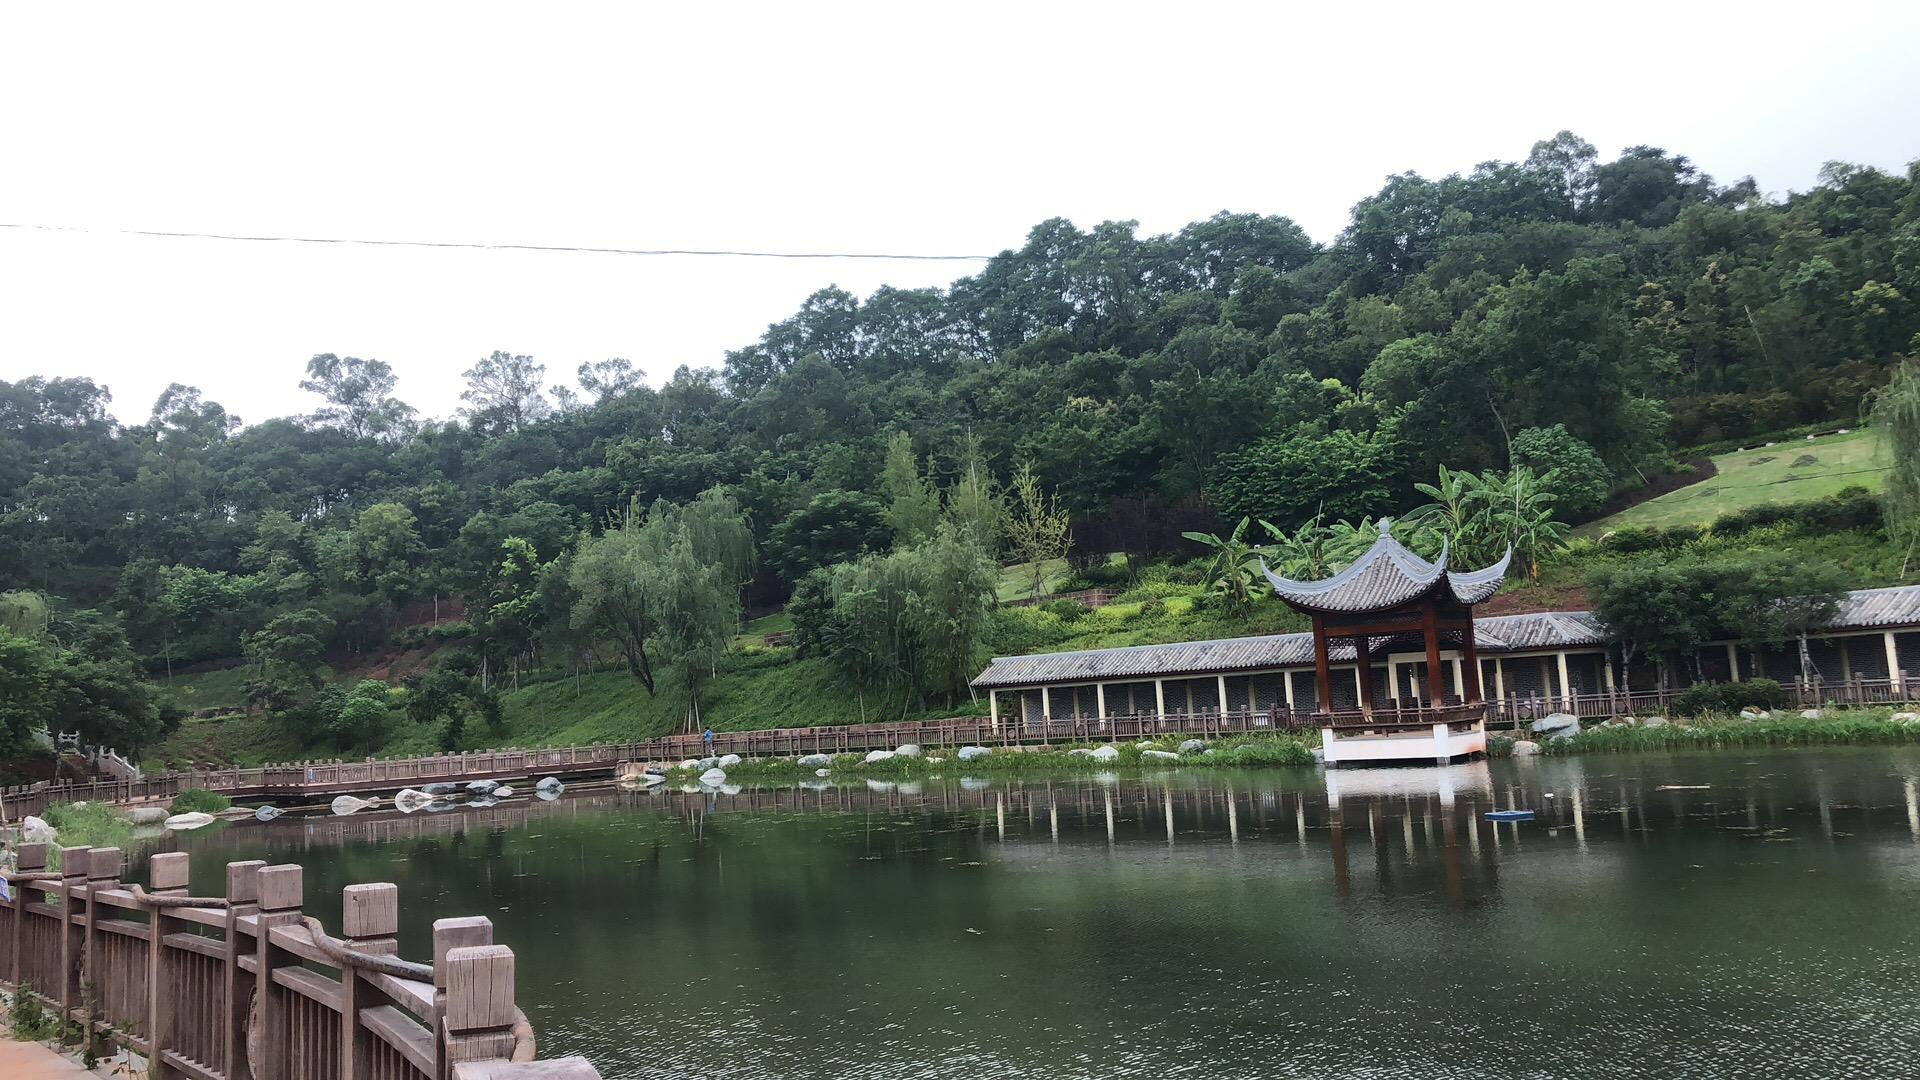 资阳凤岭公园景观5278论坛项目